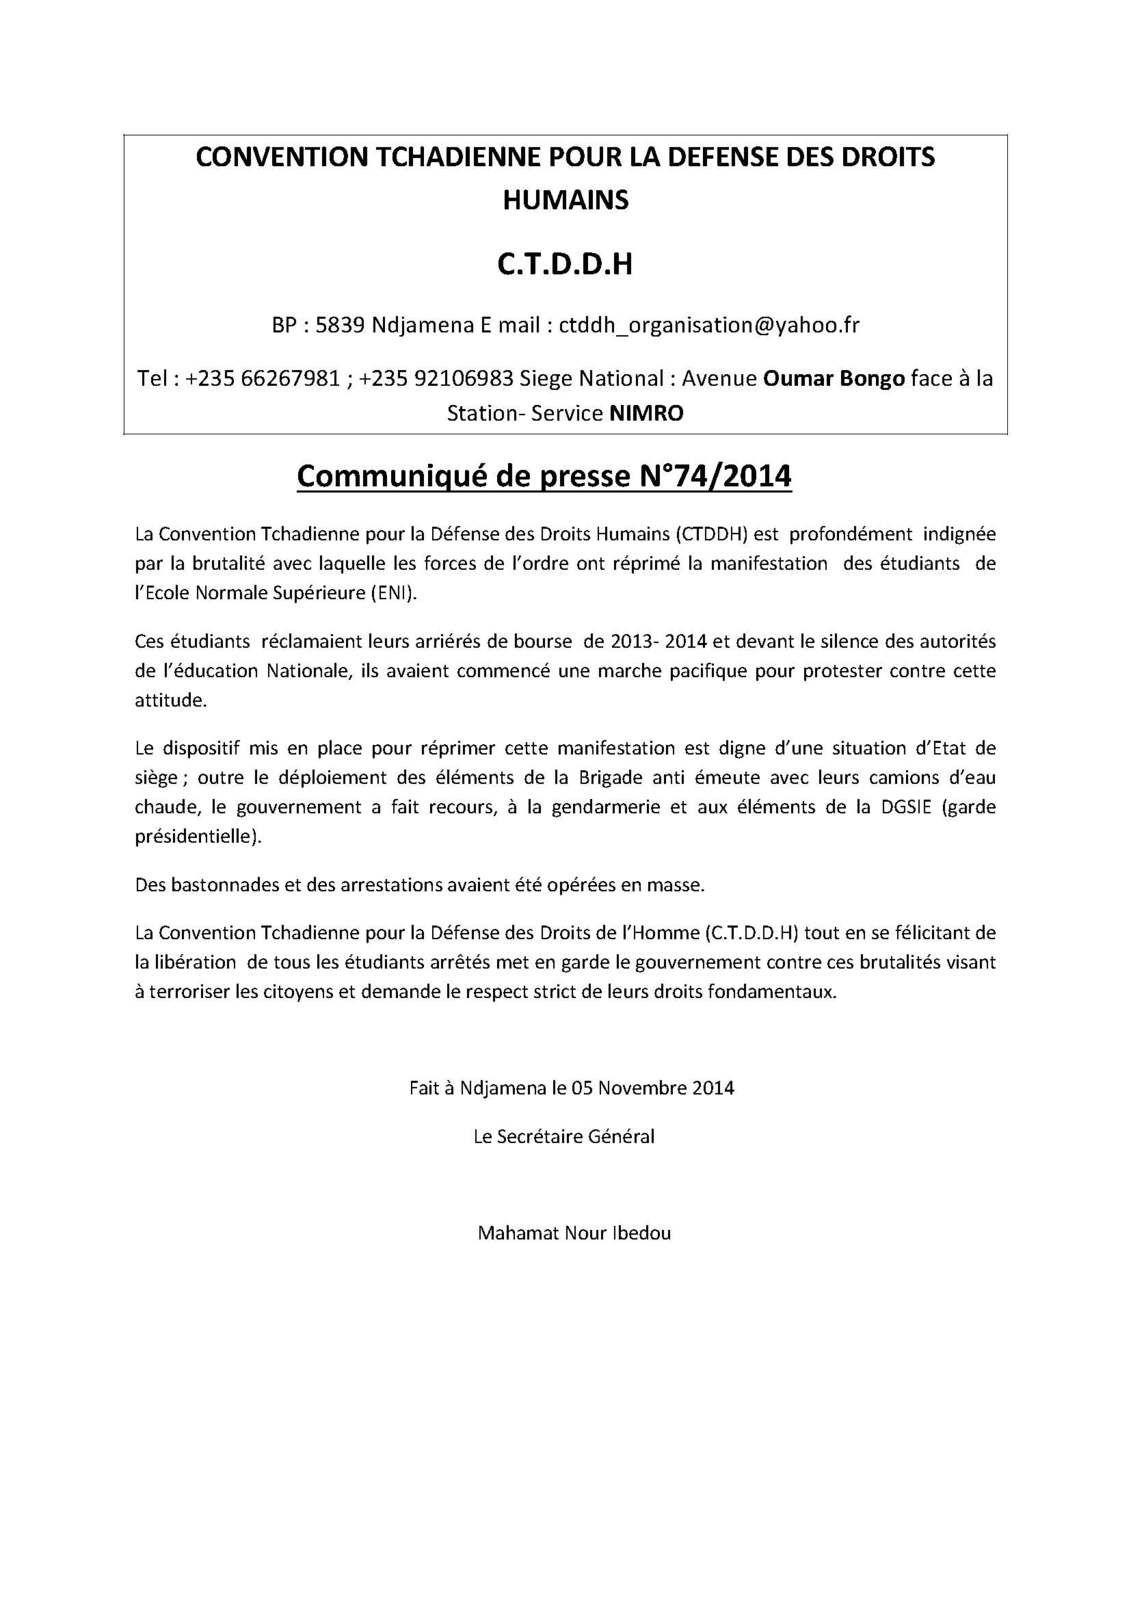 Affaire des étudiants au Tchad: la CTDDH s'indigne!